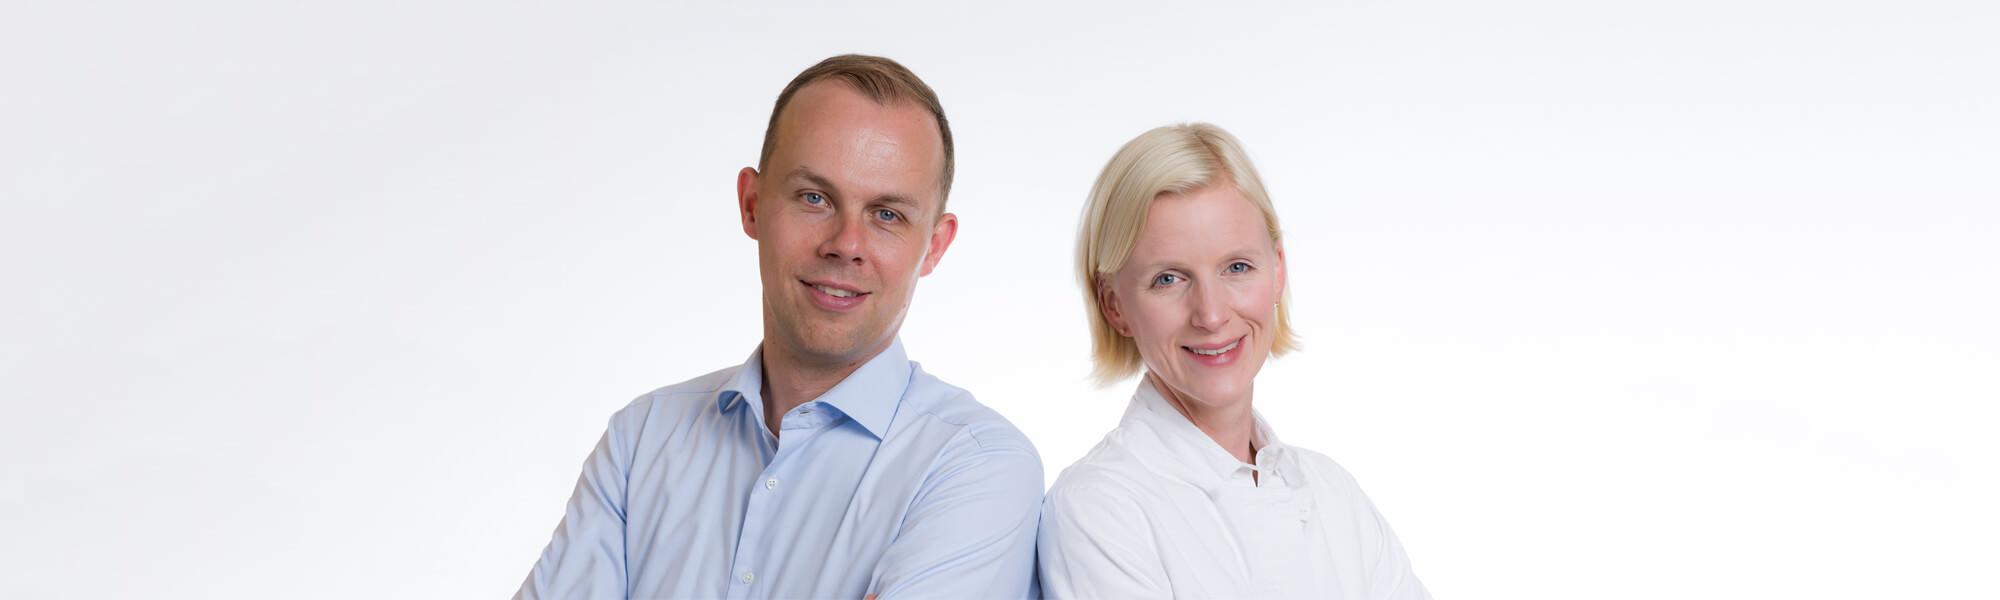 Hausarzt-Rottenburg-Kessler-Team-Dres-Kessler